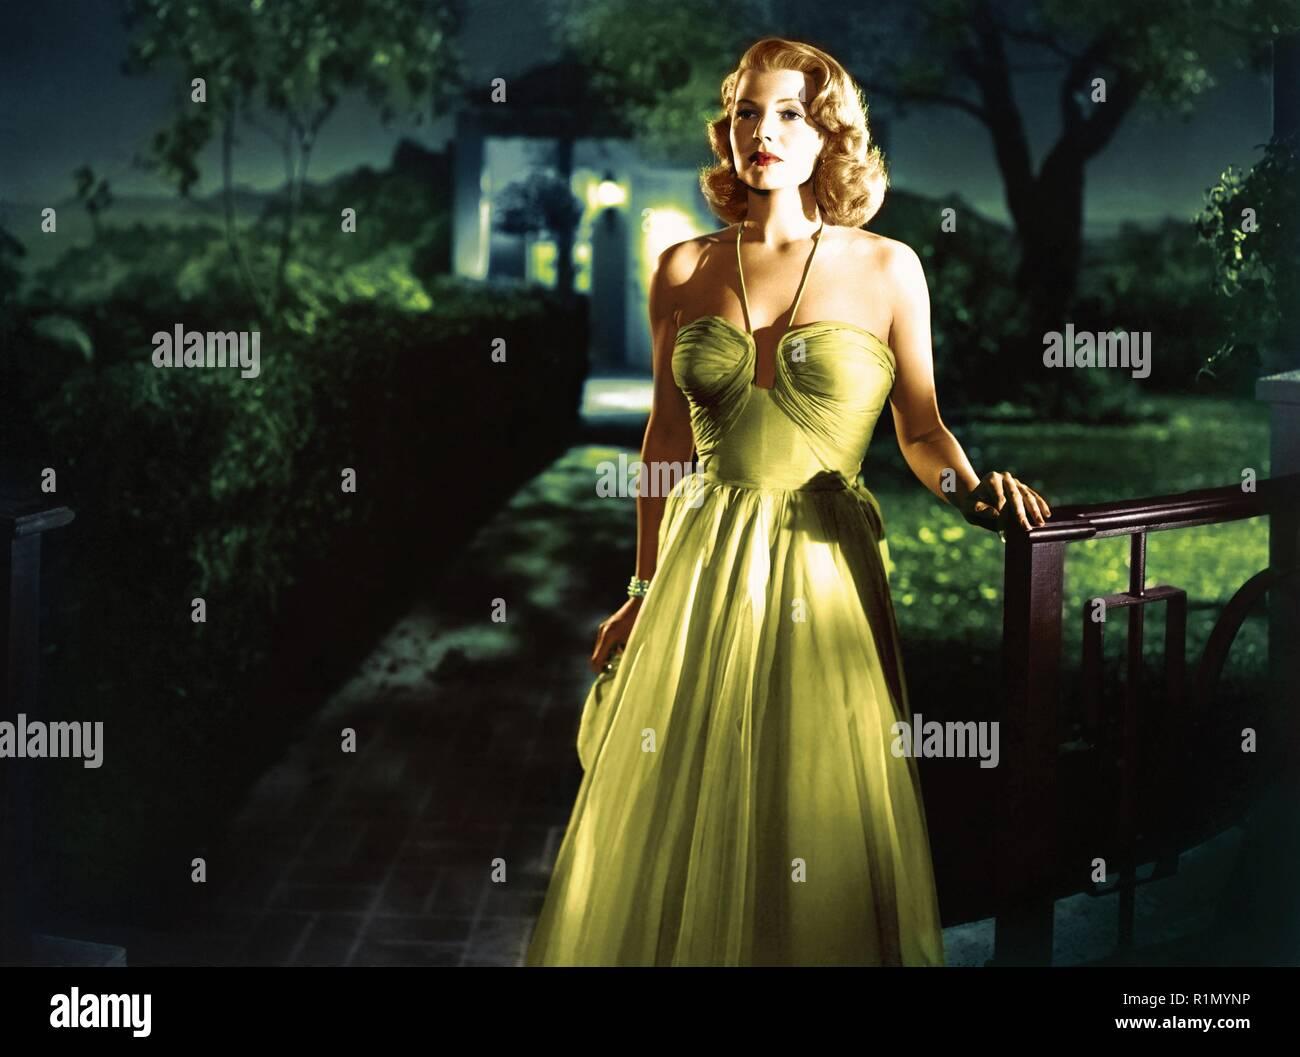 Hayworth est peut-être mieux connu pour sa performance dans le film noir de 1946, Gilda, en face de Glenn Ford, dans lequel elle a joué la femme fatale dans son premier grand rôle dramatique. Fred Astaire, avec qui elle a fait deux films, l'appela son partenaire de danse. Son plus grand succès a été dans le Technicolor encore de Cover Girl (1944), avec Gene Kelly. Elle est répertorié comme l'un des top 24 femme motion picture stars de tous les temps dans l'American Film Institute's survey, AFI's 100 Years… 100 Stars. Archives Photos / MediaPunch Hollywood Photo Stock